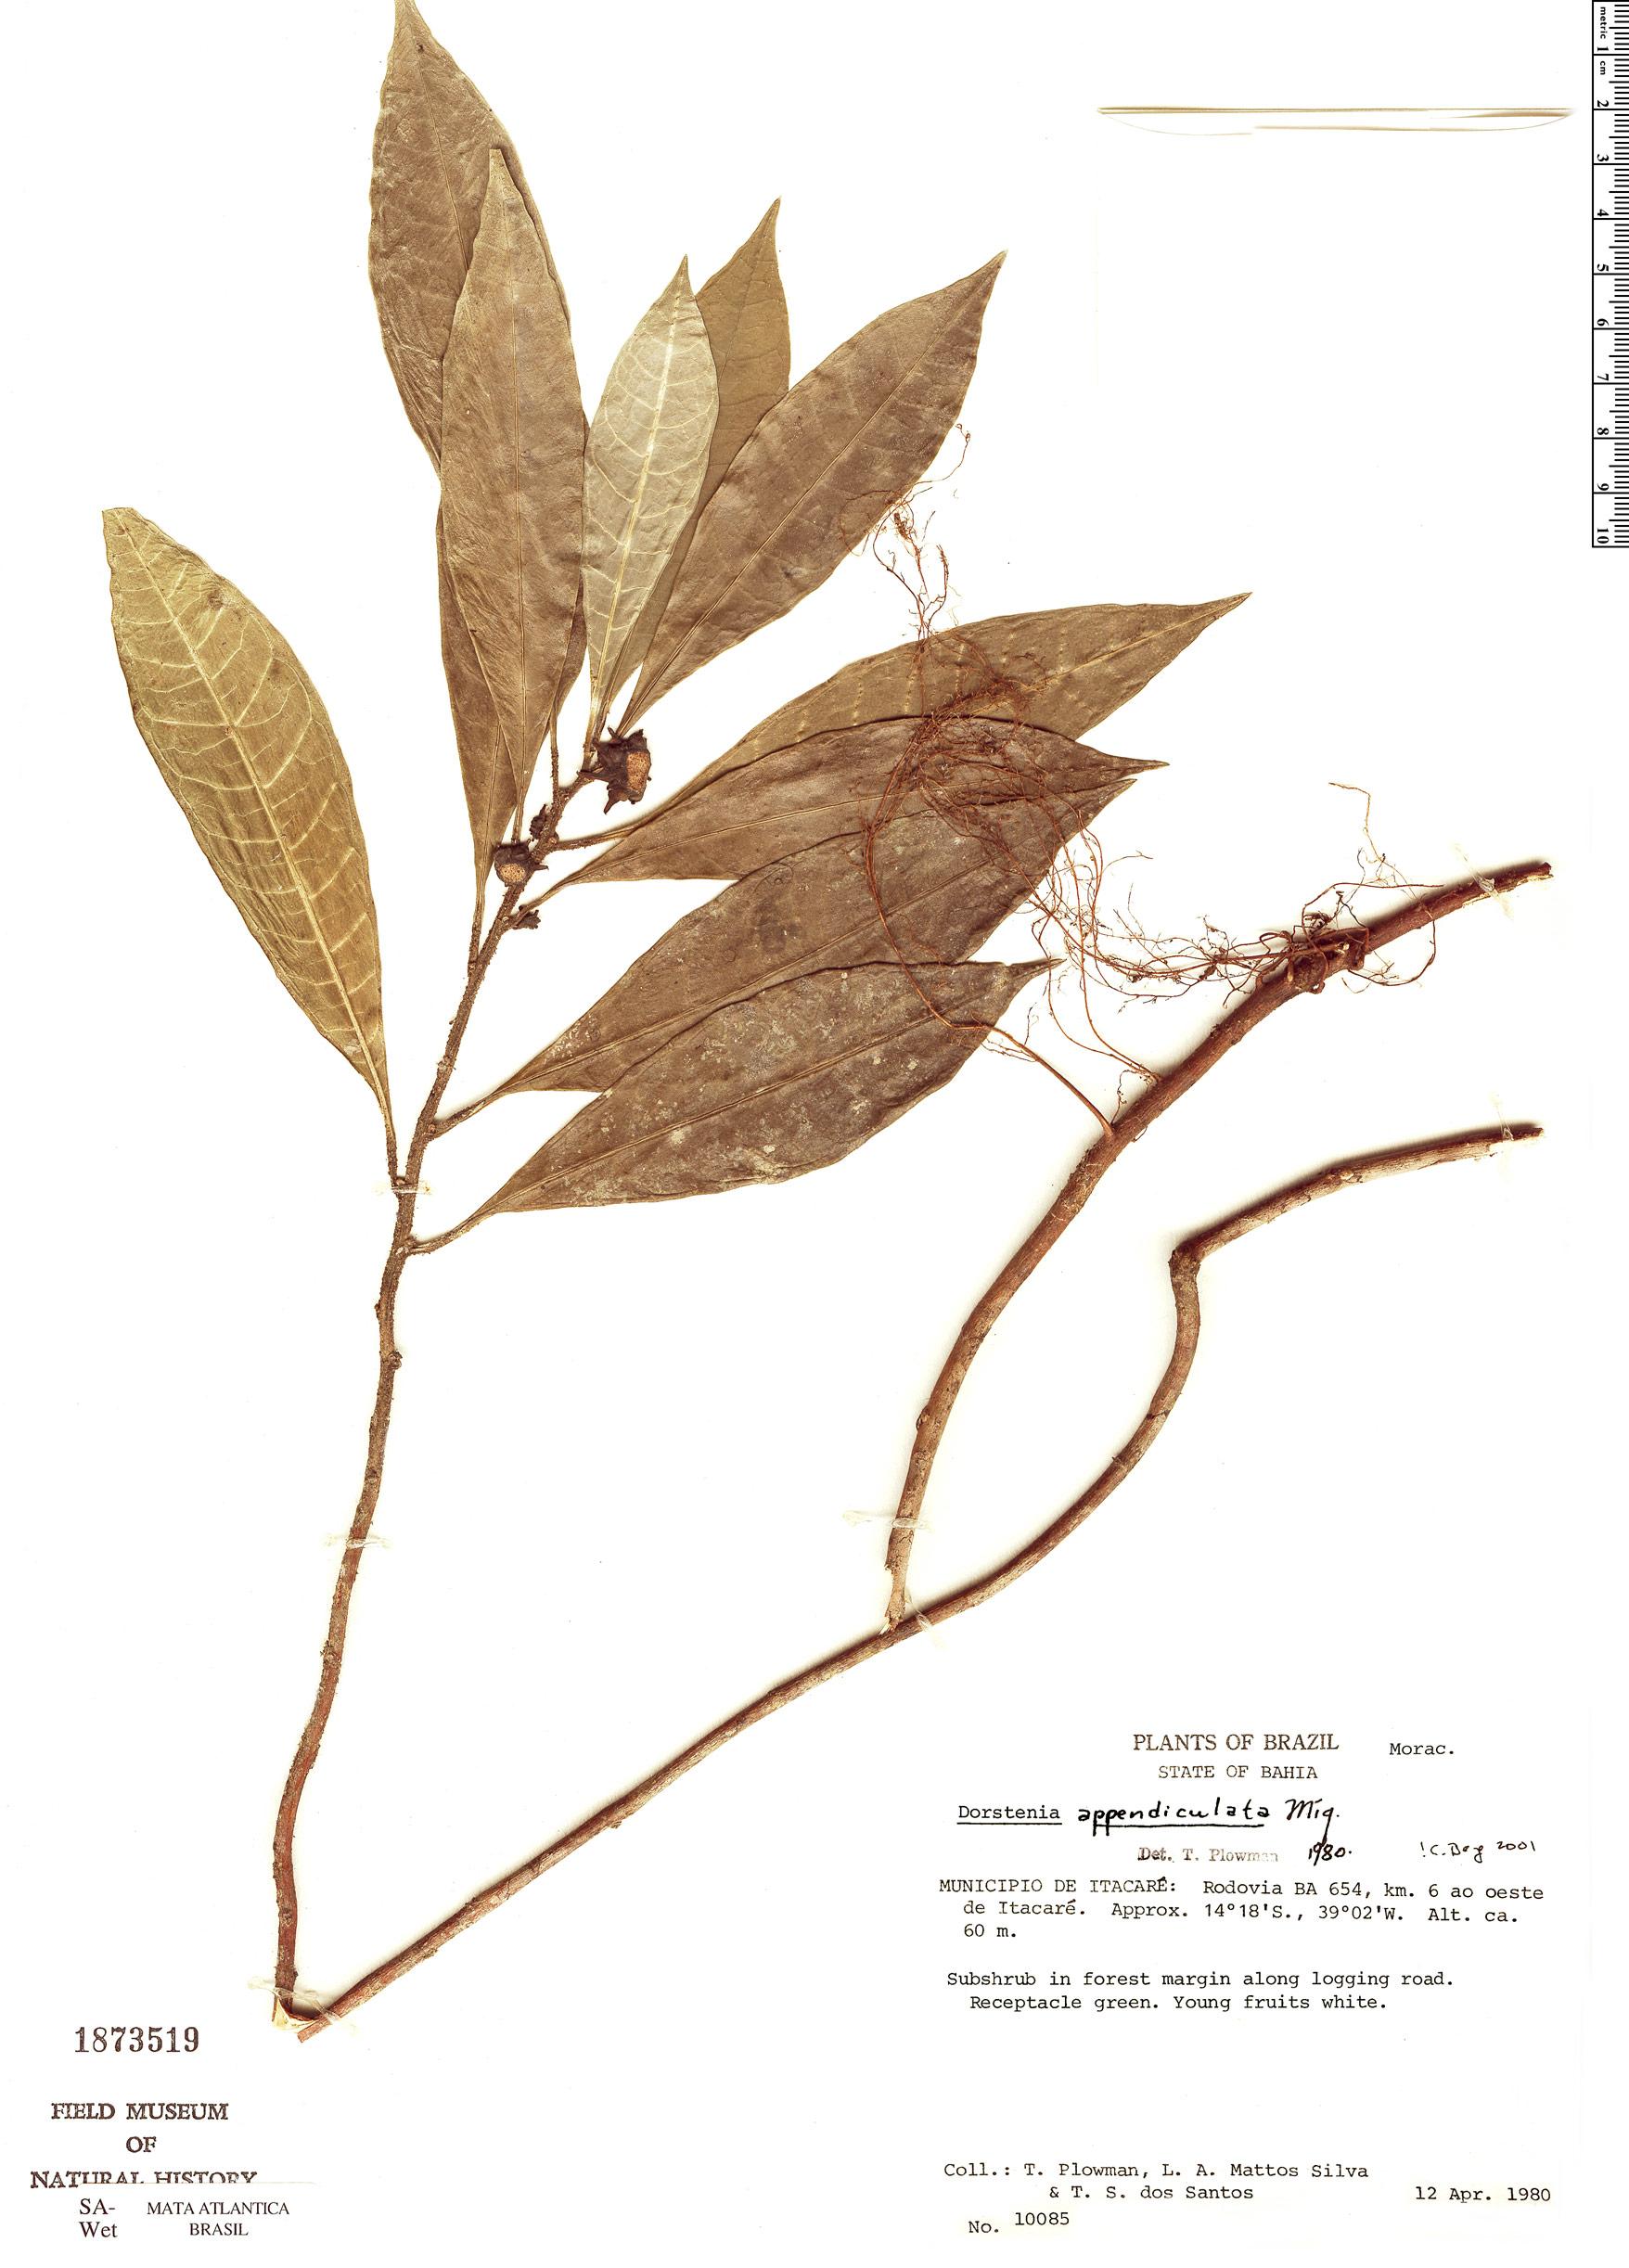 Specimen: Dorstenia appendiculata